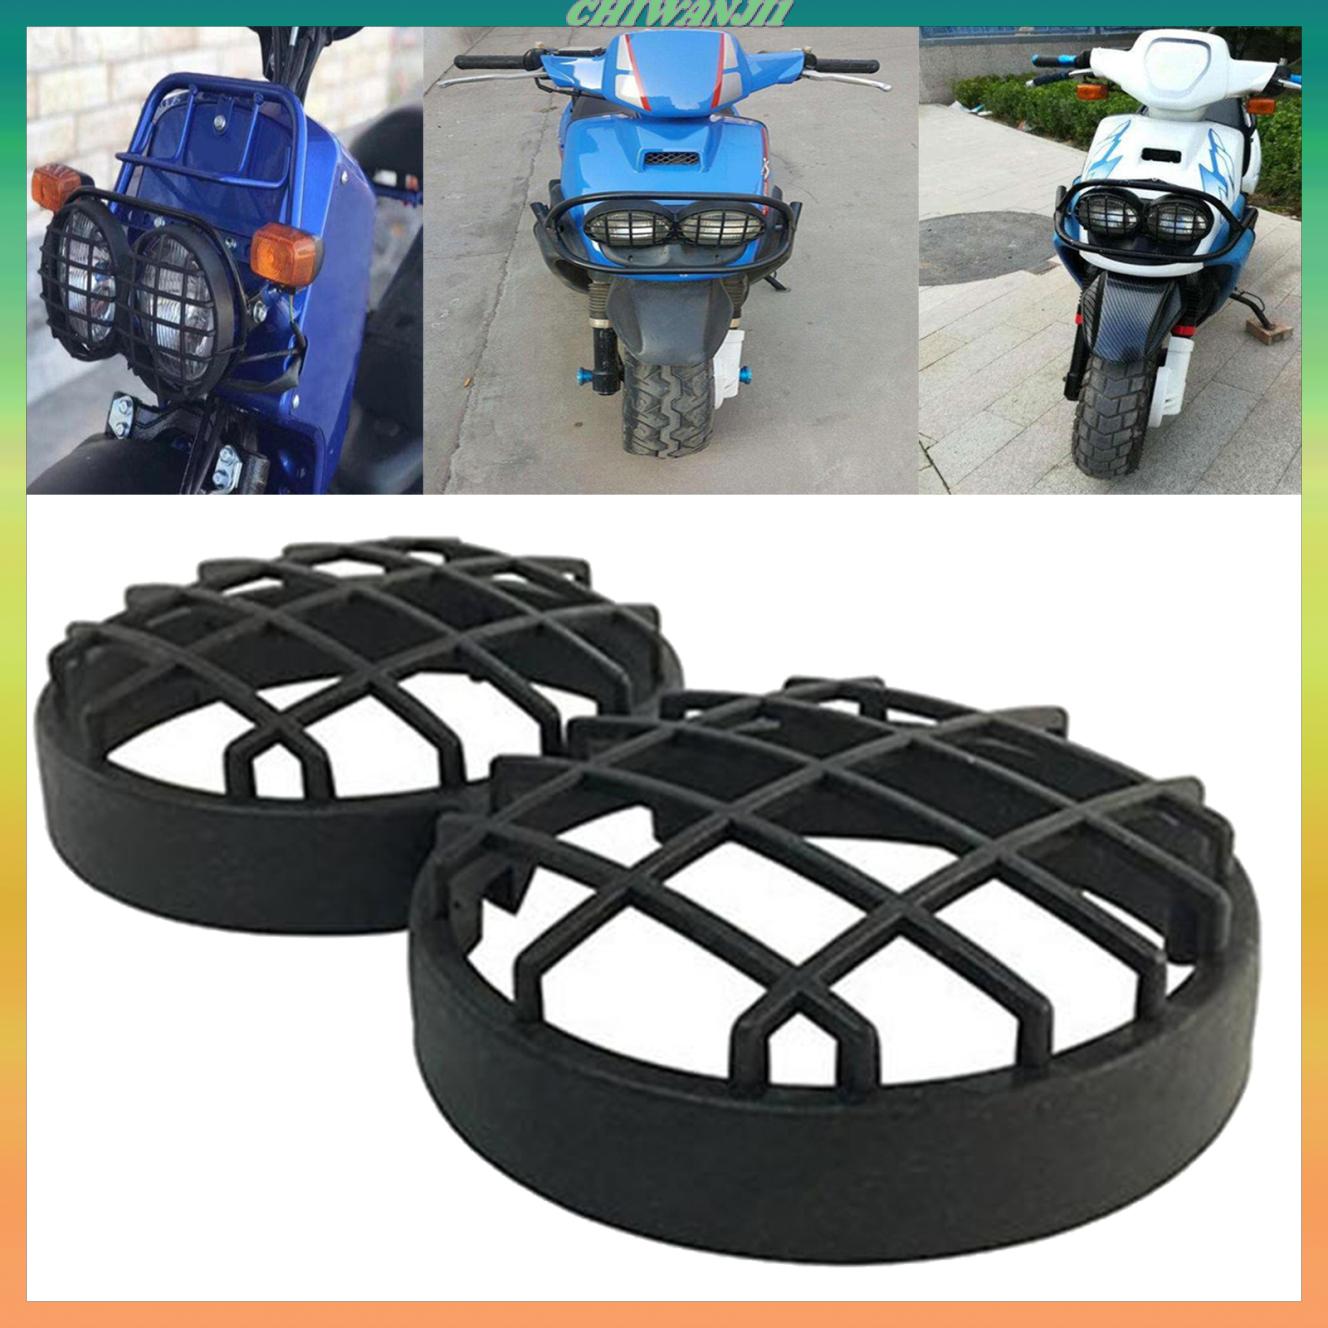 Lưới Bảo Vệ Đèn Pha Chuyên Dụng Cho Xe Mô Tô Yamaha Bws100